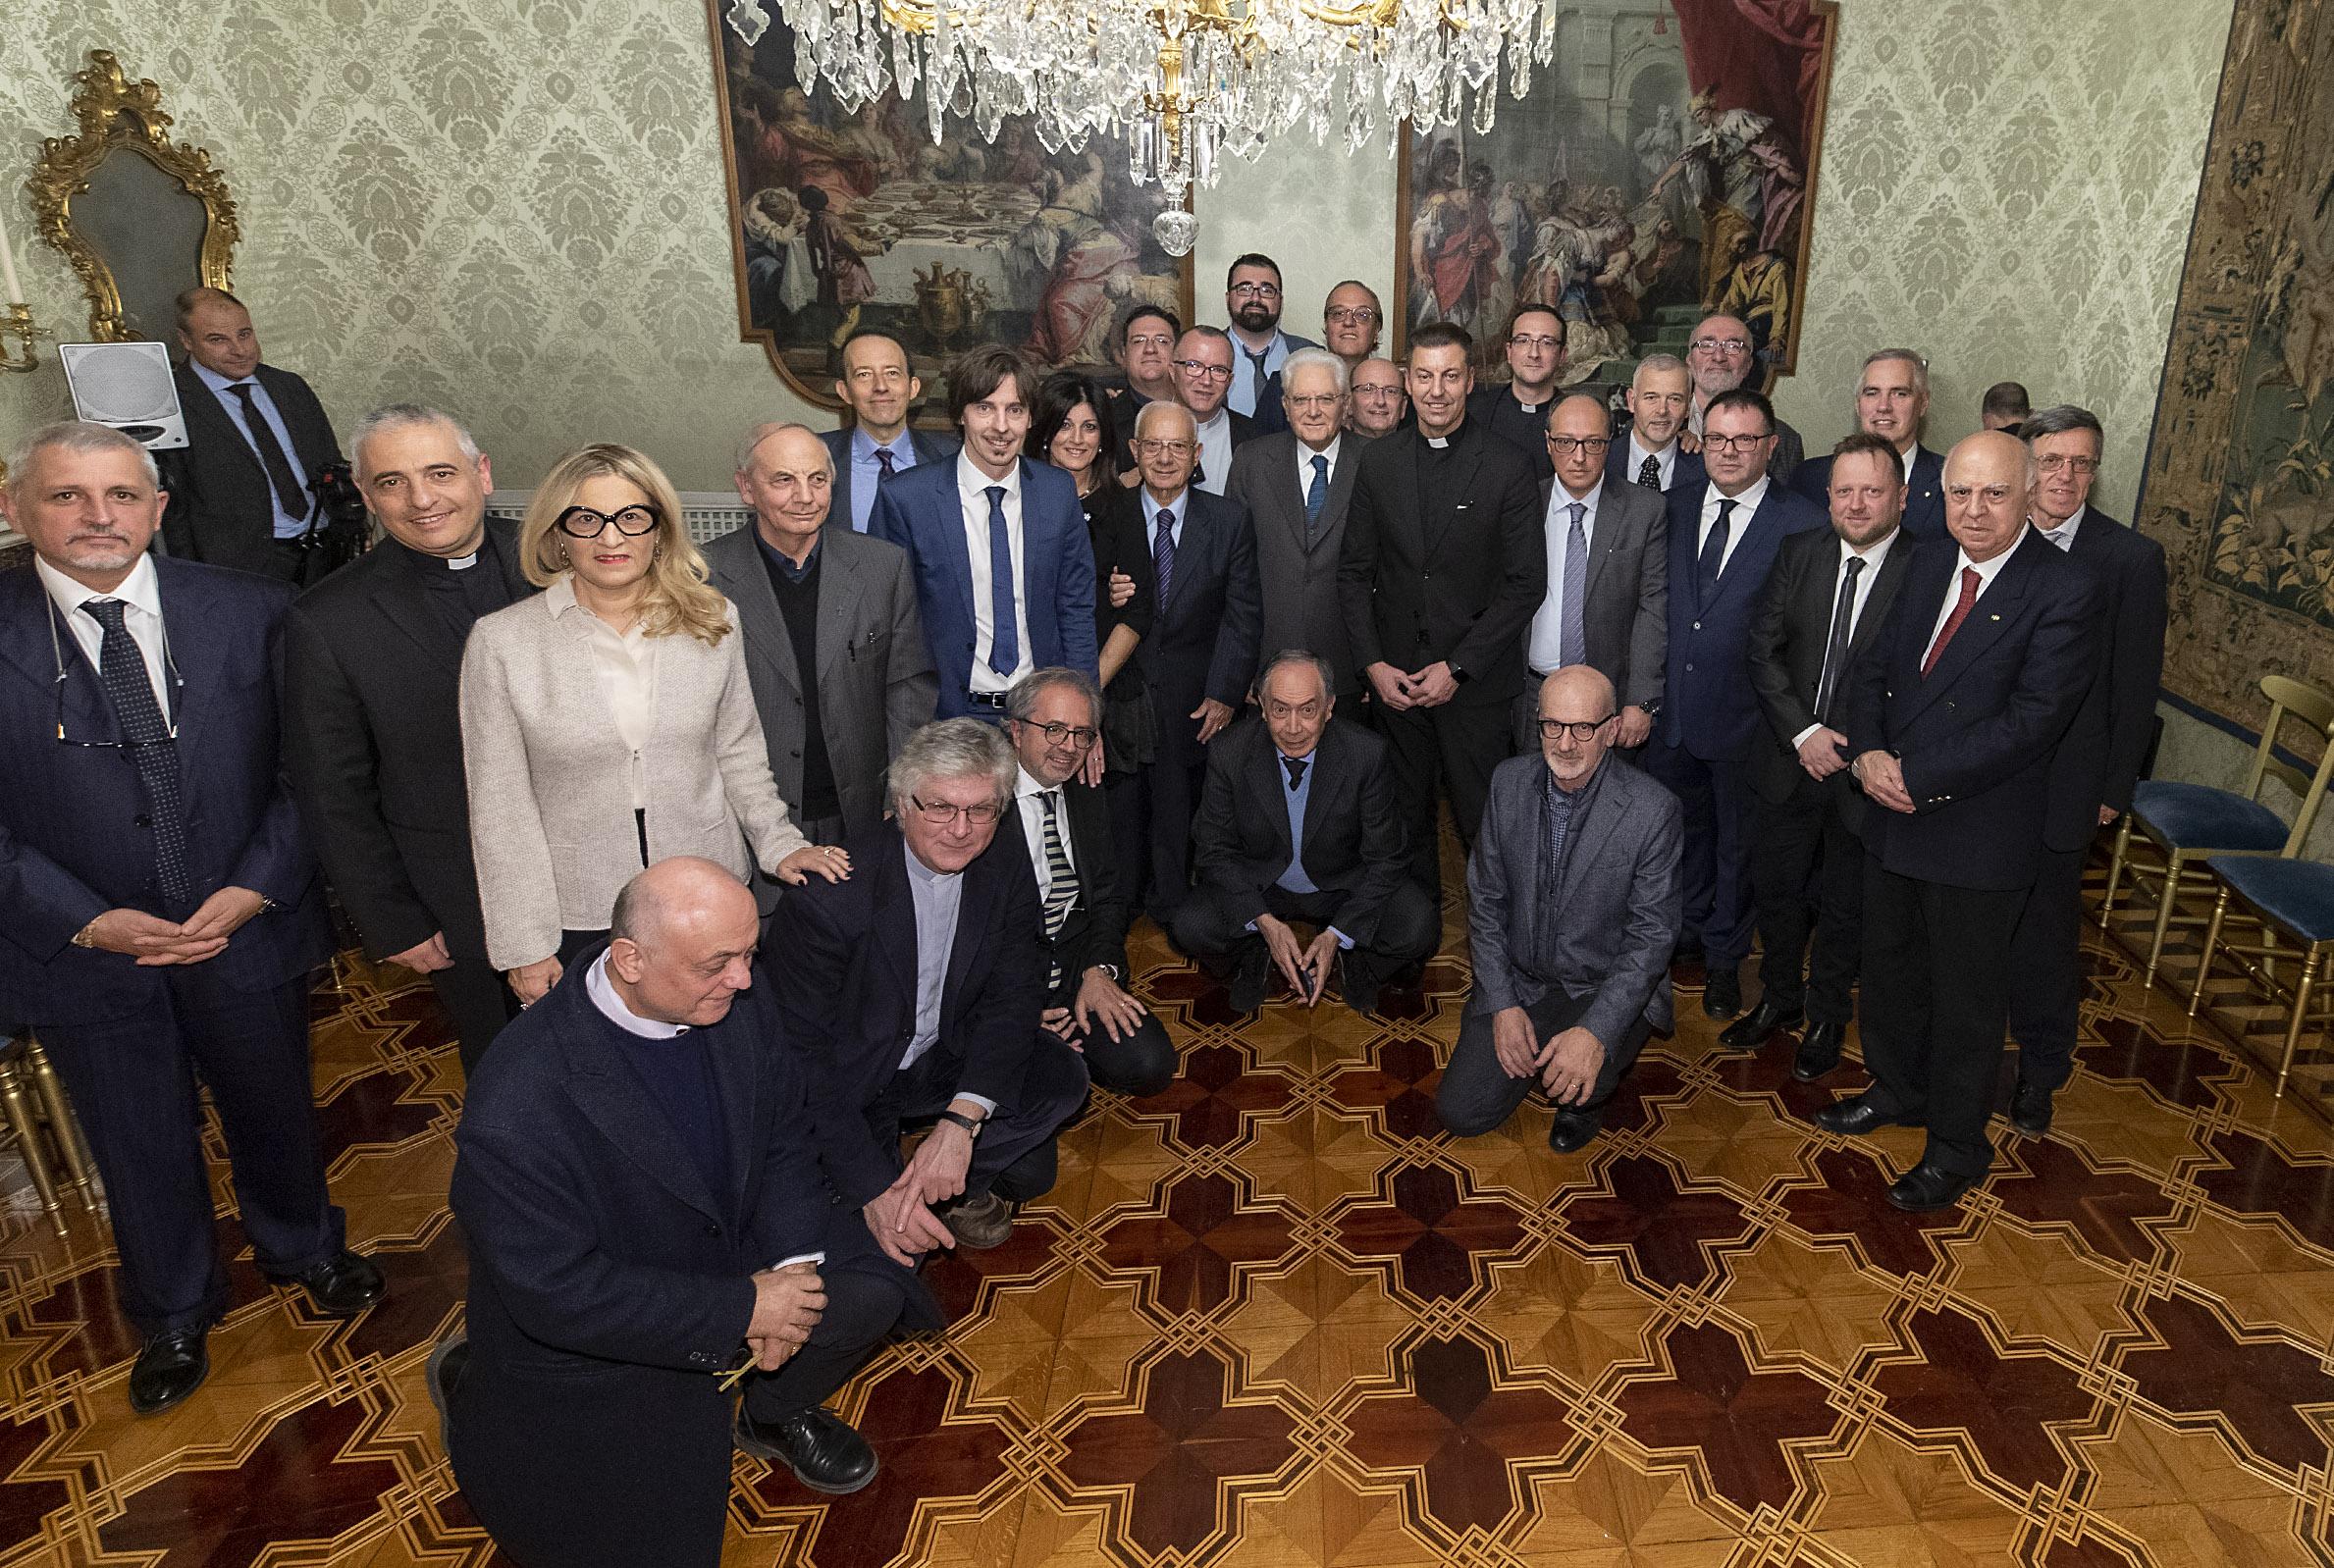 Settimanali cattolici, Mattarella alla Fisc: «Stimolate nei concittadini capacità critica e senso di comunità»